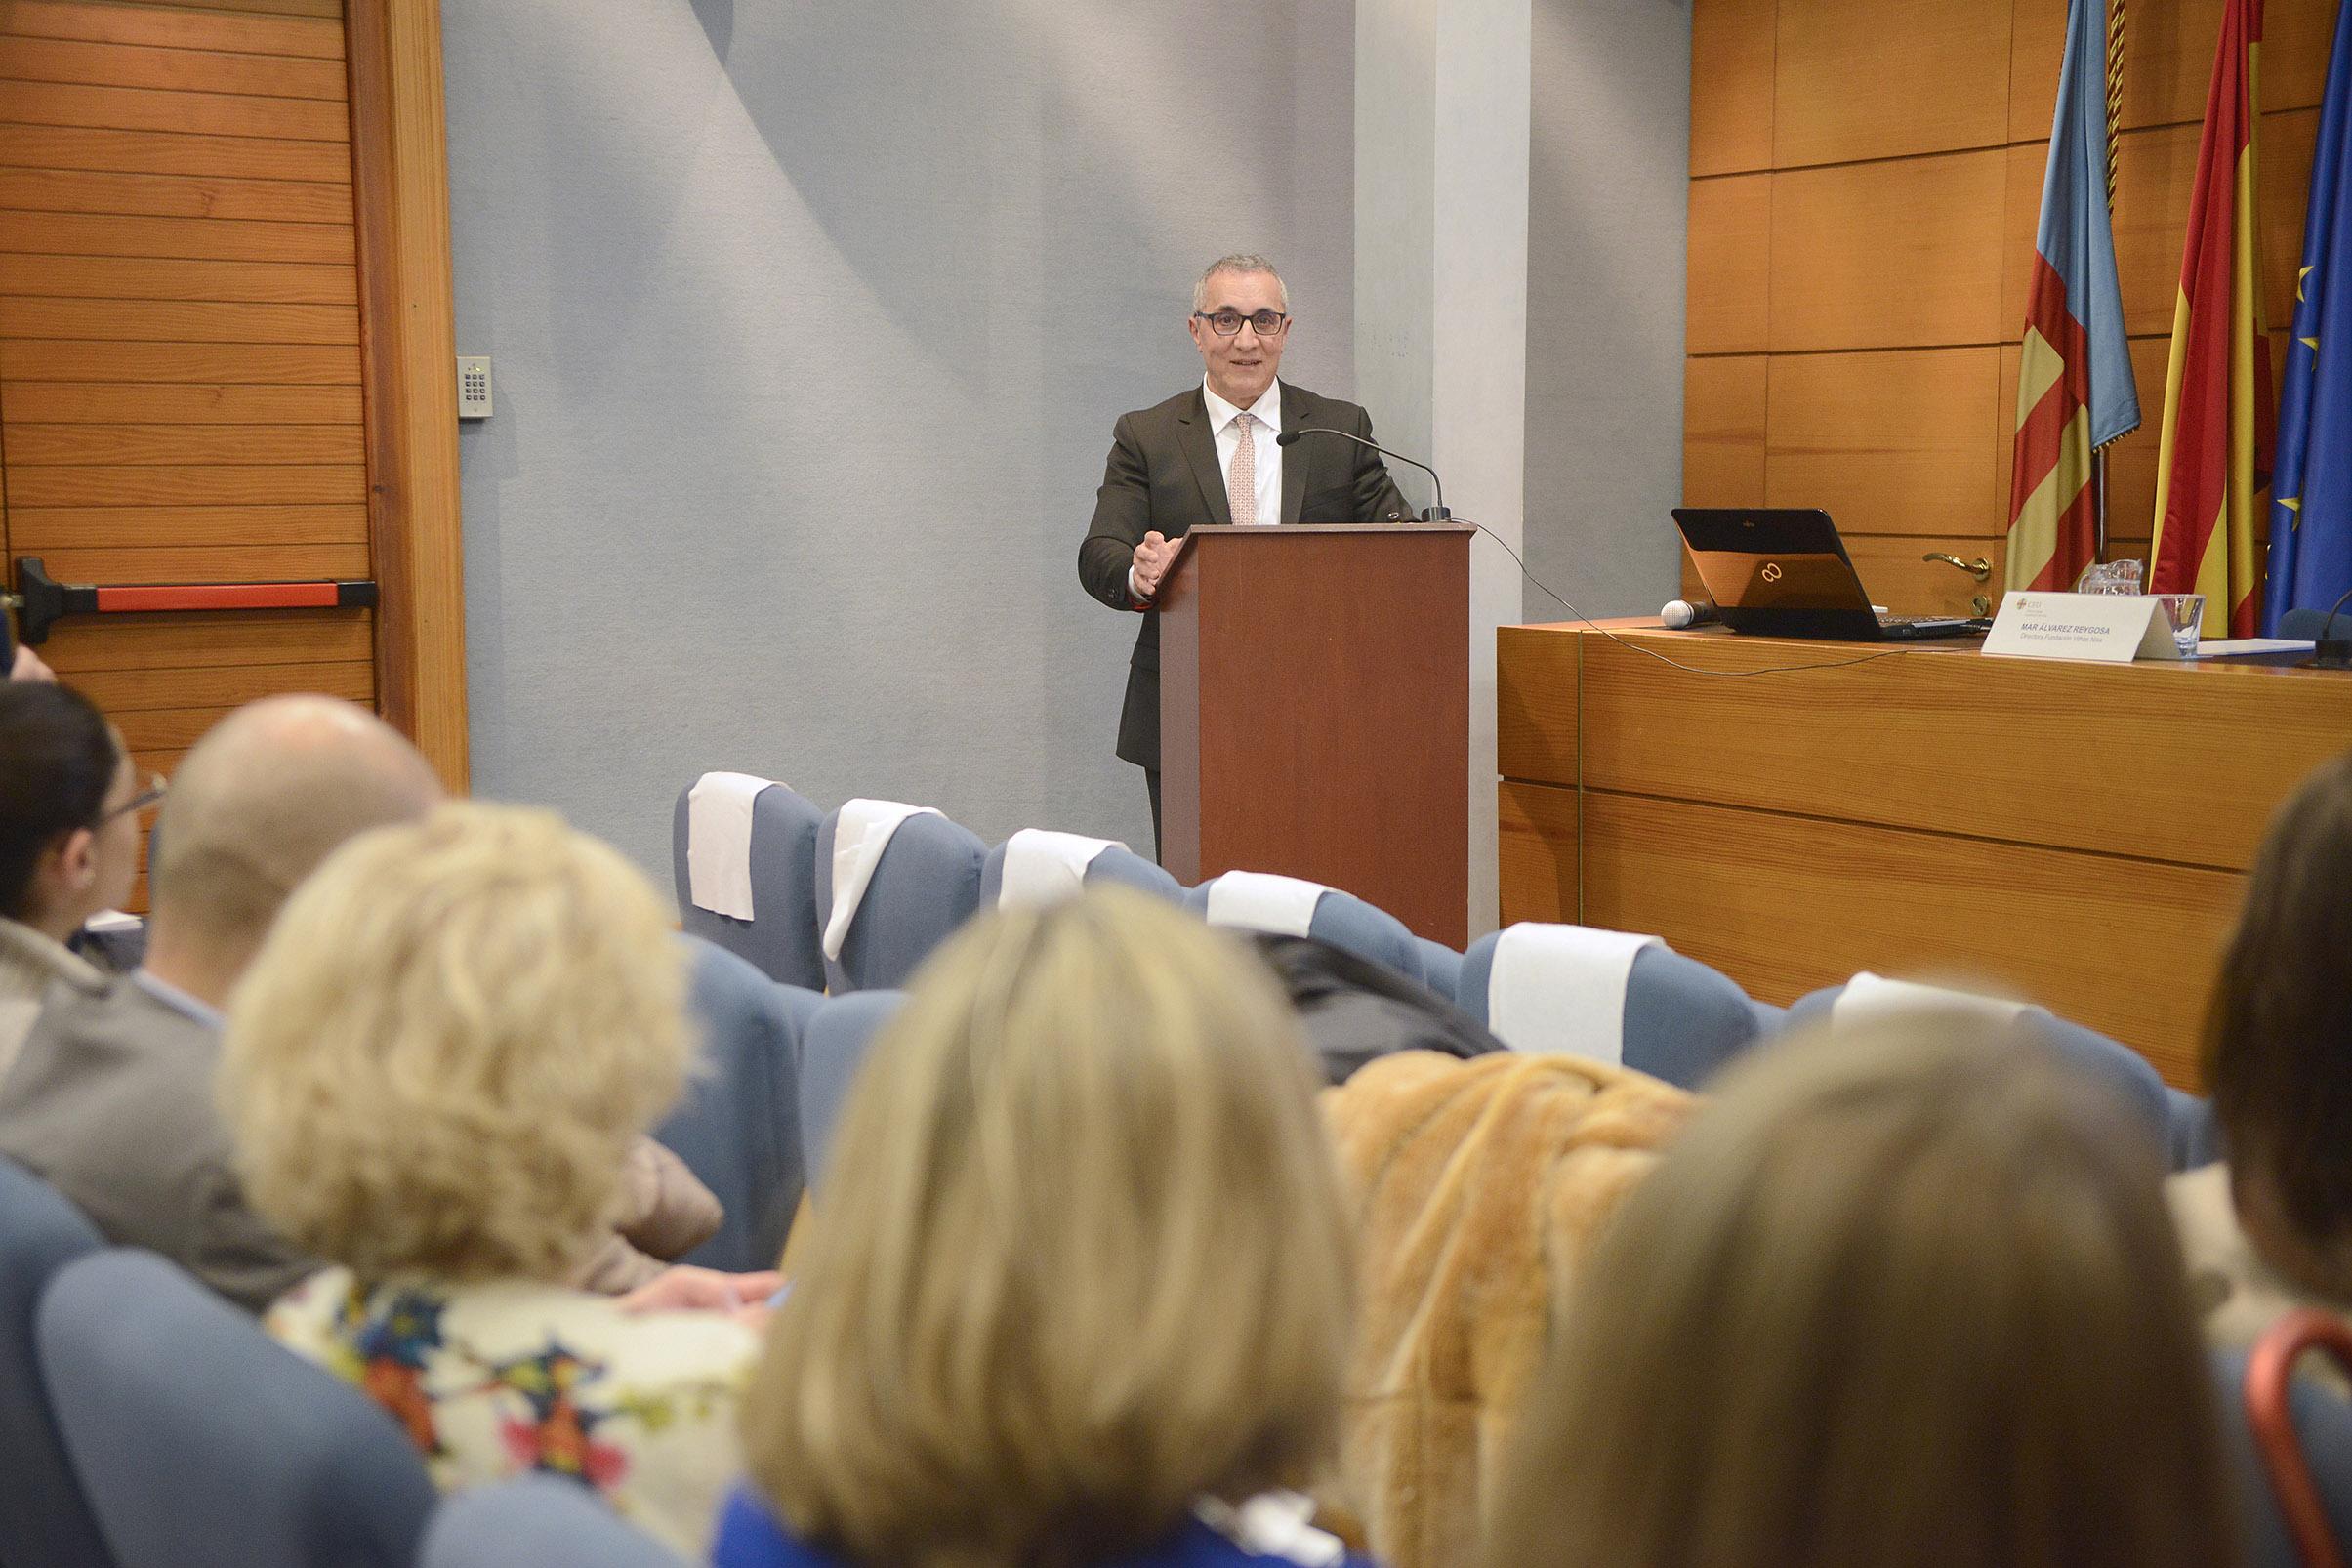 El presidente del Colegio de Enfermería de Valencia, Juan José Tirado, ha impartido la IV Conferencia anual de la Cátedra de Neurociencias CEU-Fundación Vithas Nisa.